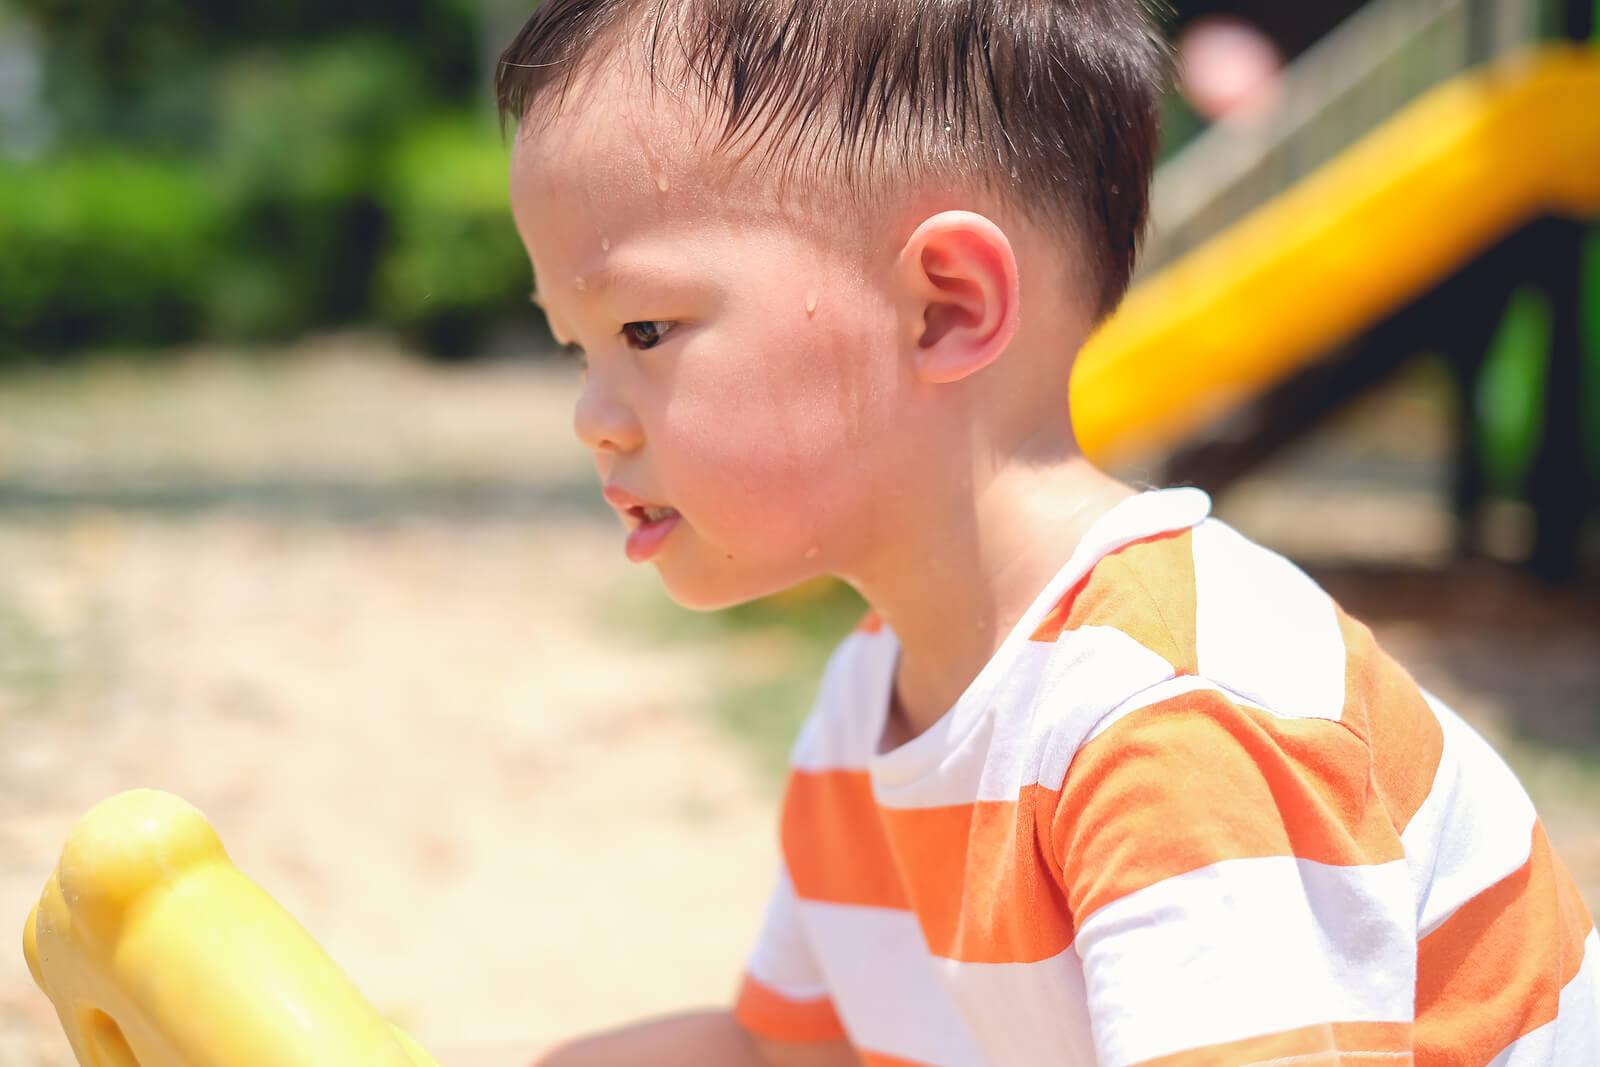 Niño sudando mucho debido a que está jugando al sol.